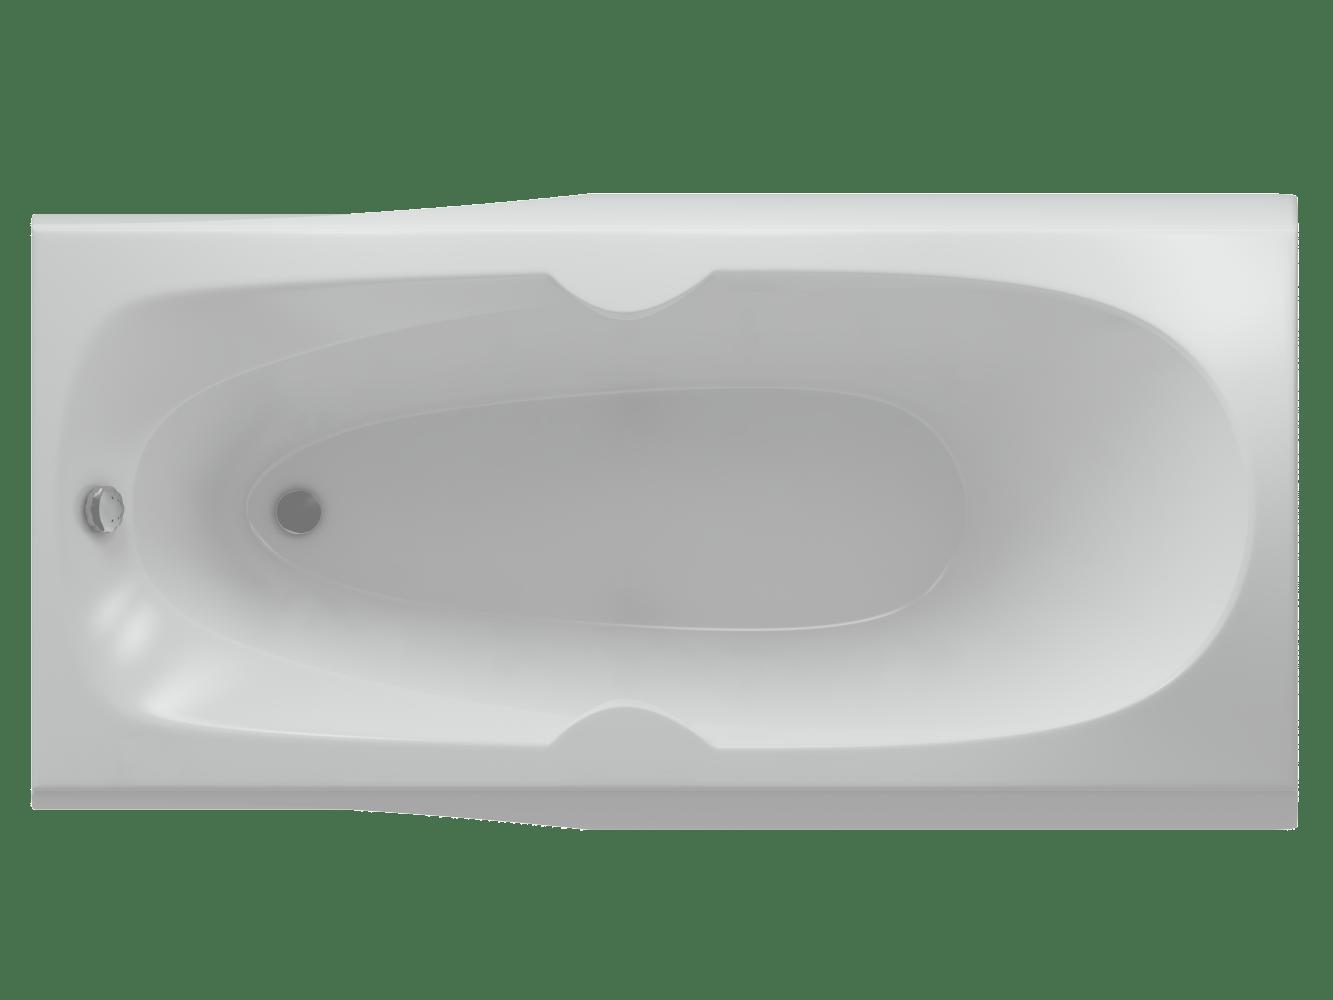 Акриловая ванна Акватек Европа 180х80 см